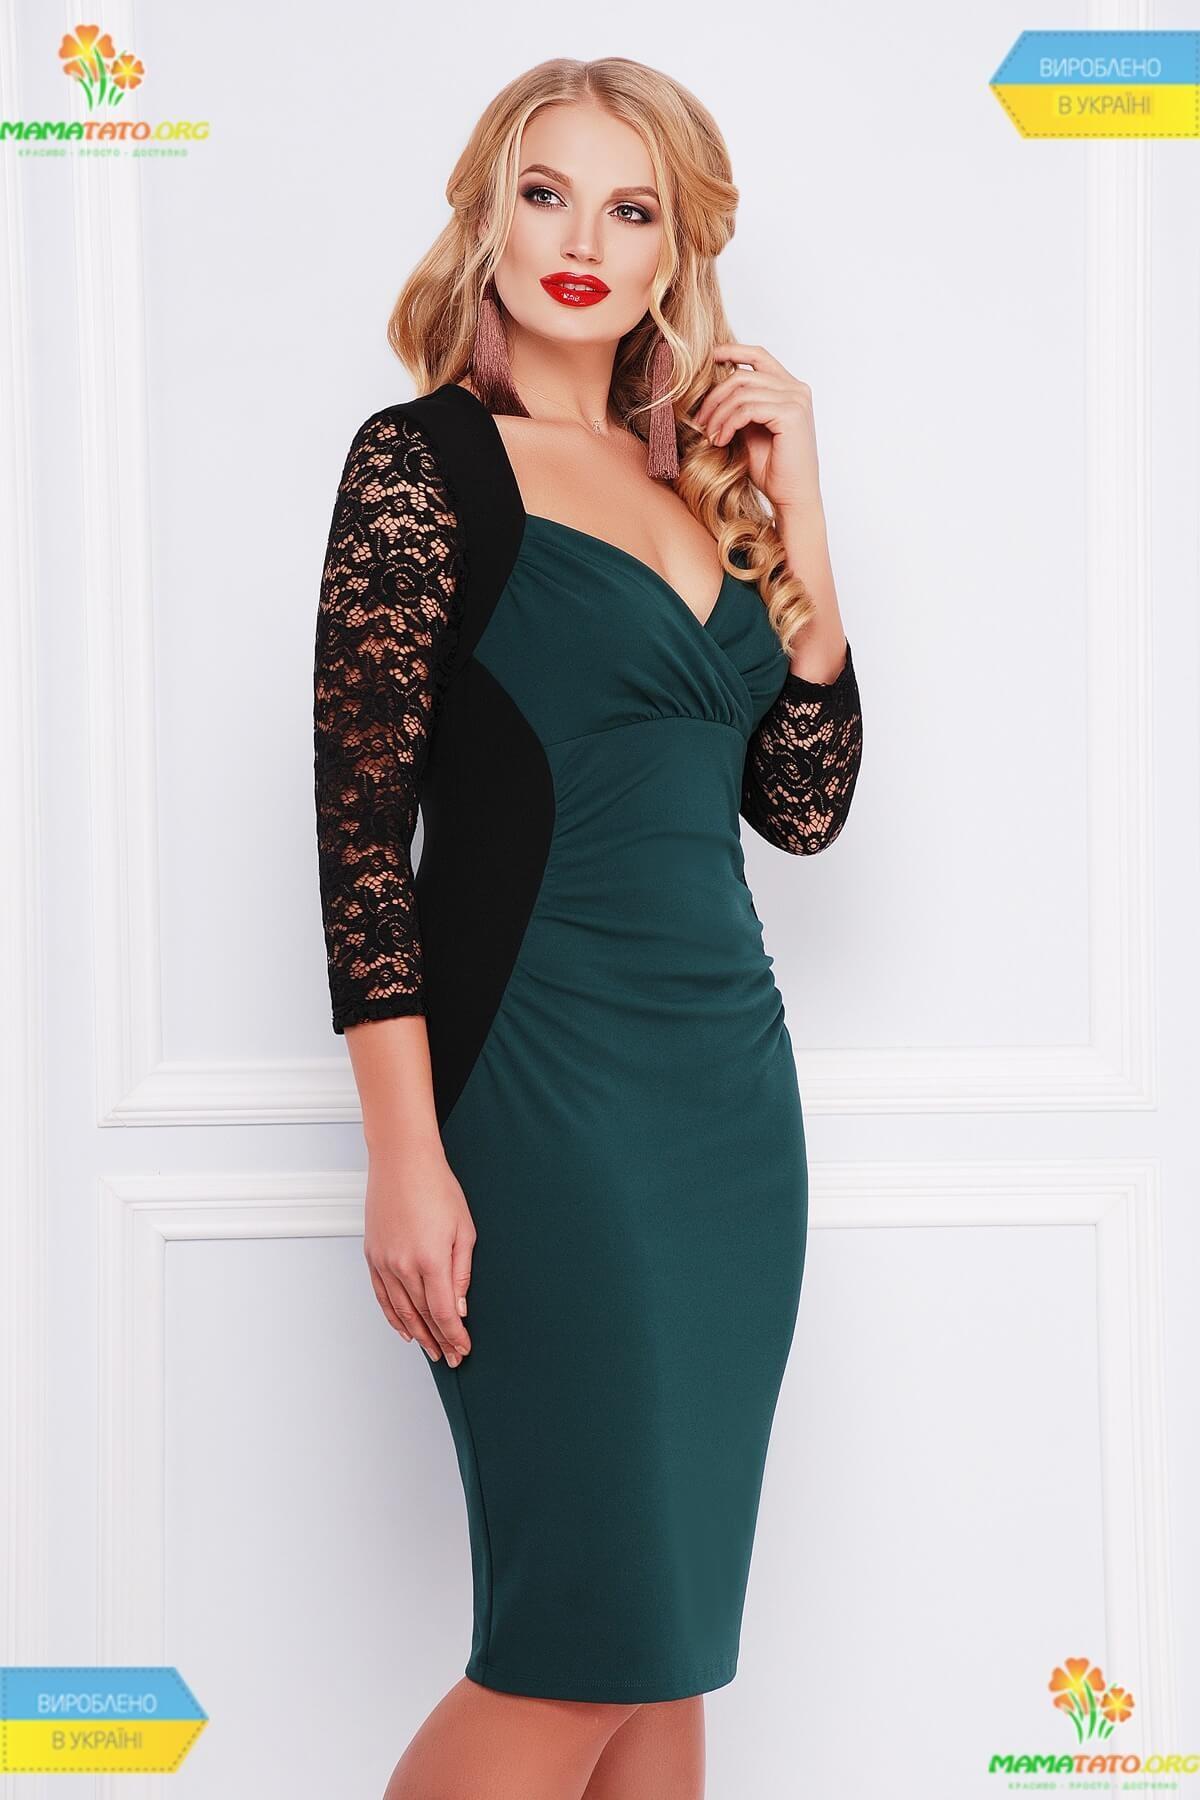 ae267227cef07f Сукня Сусанна ПК SM ᐈ нарядна зелена сукня великих розмірів